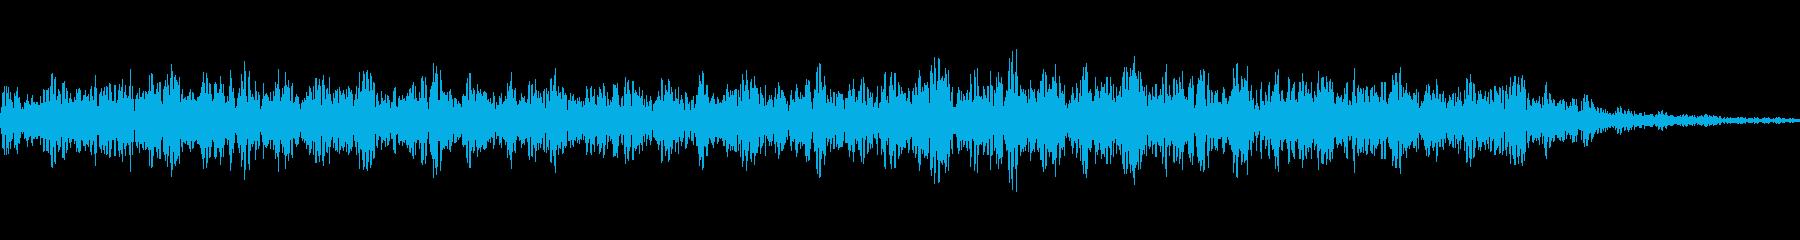 ゴォー(暴風な風)の再生済みの波形